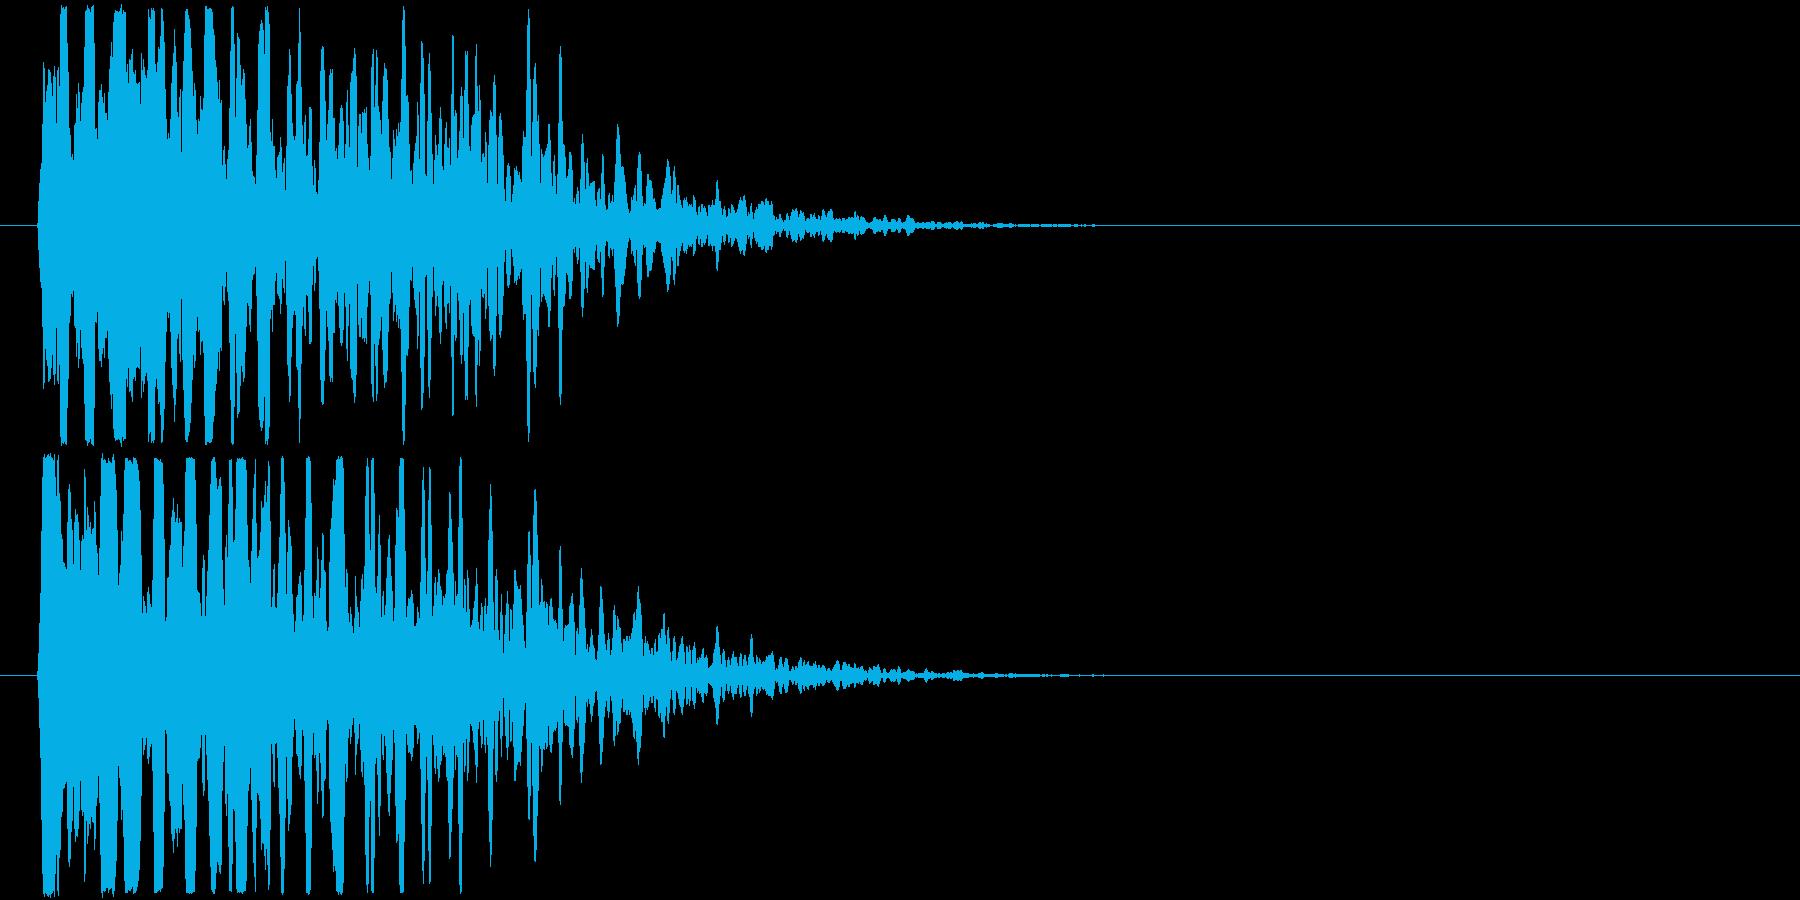 透明感のある甲高い衝突音の再生済みの波形